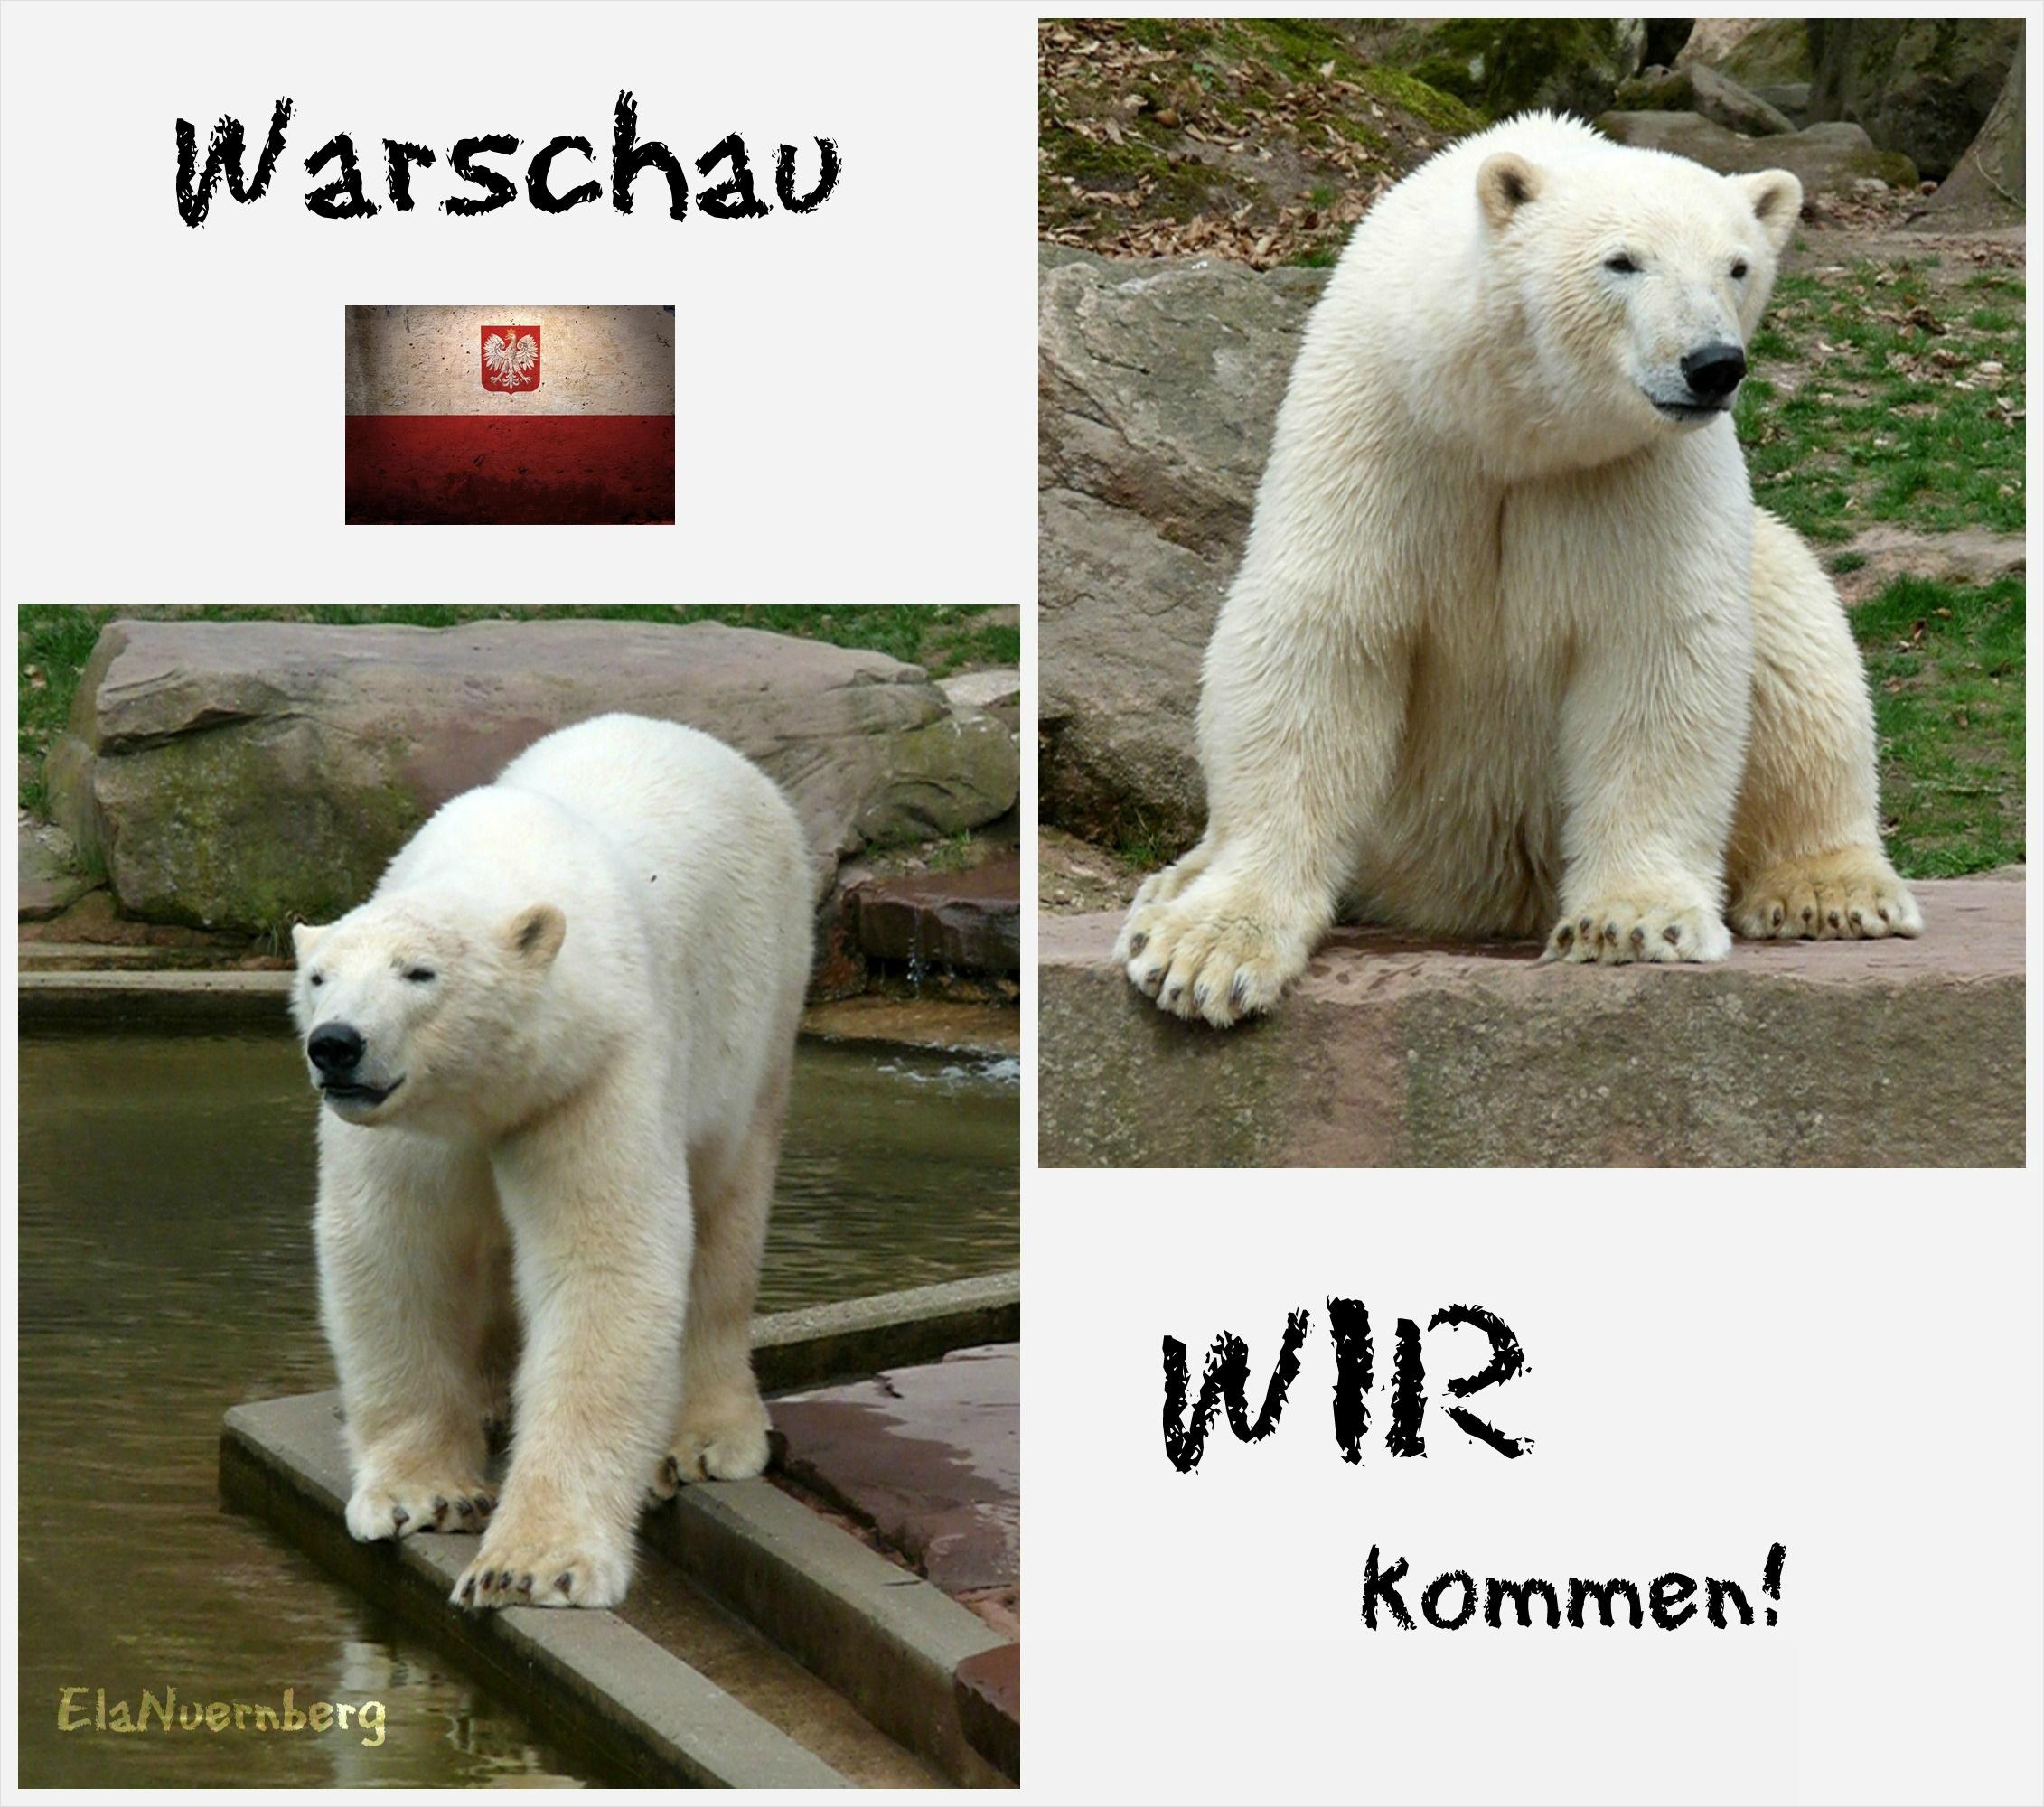 Warschau WIR kommen - Eisbär GREGOR + EISBÄR ALEUT - Tiergarten Nürnberg - 16.04.2011 - Abschied 1